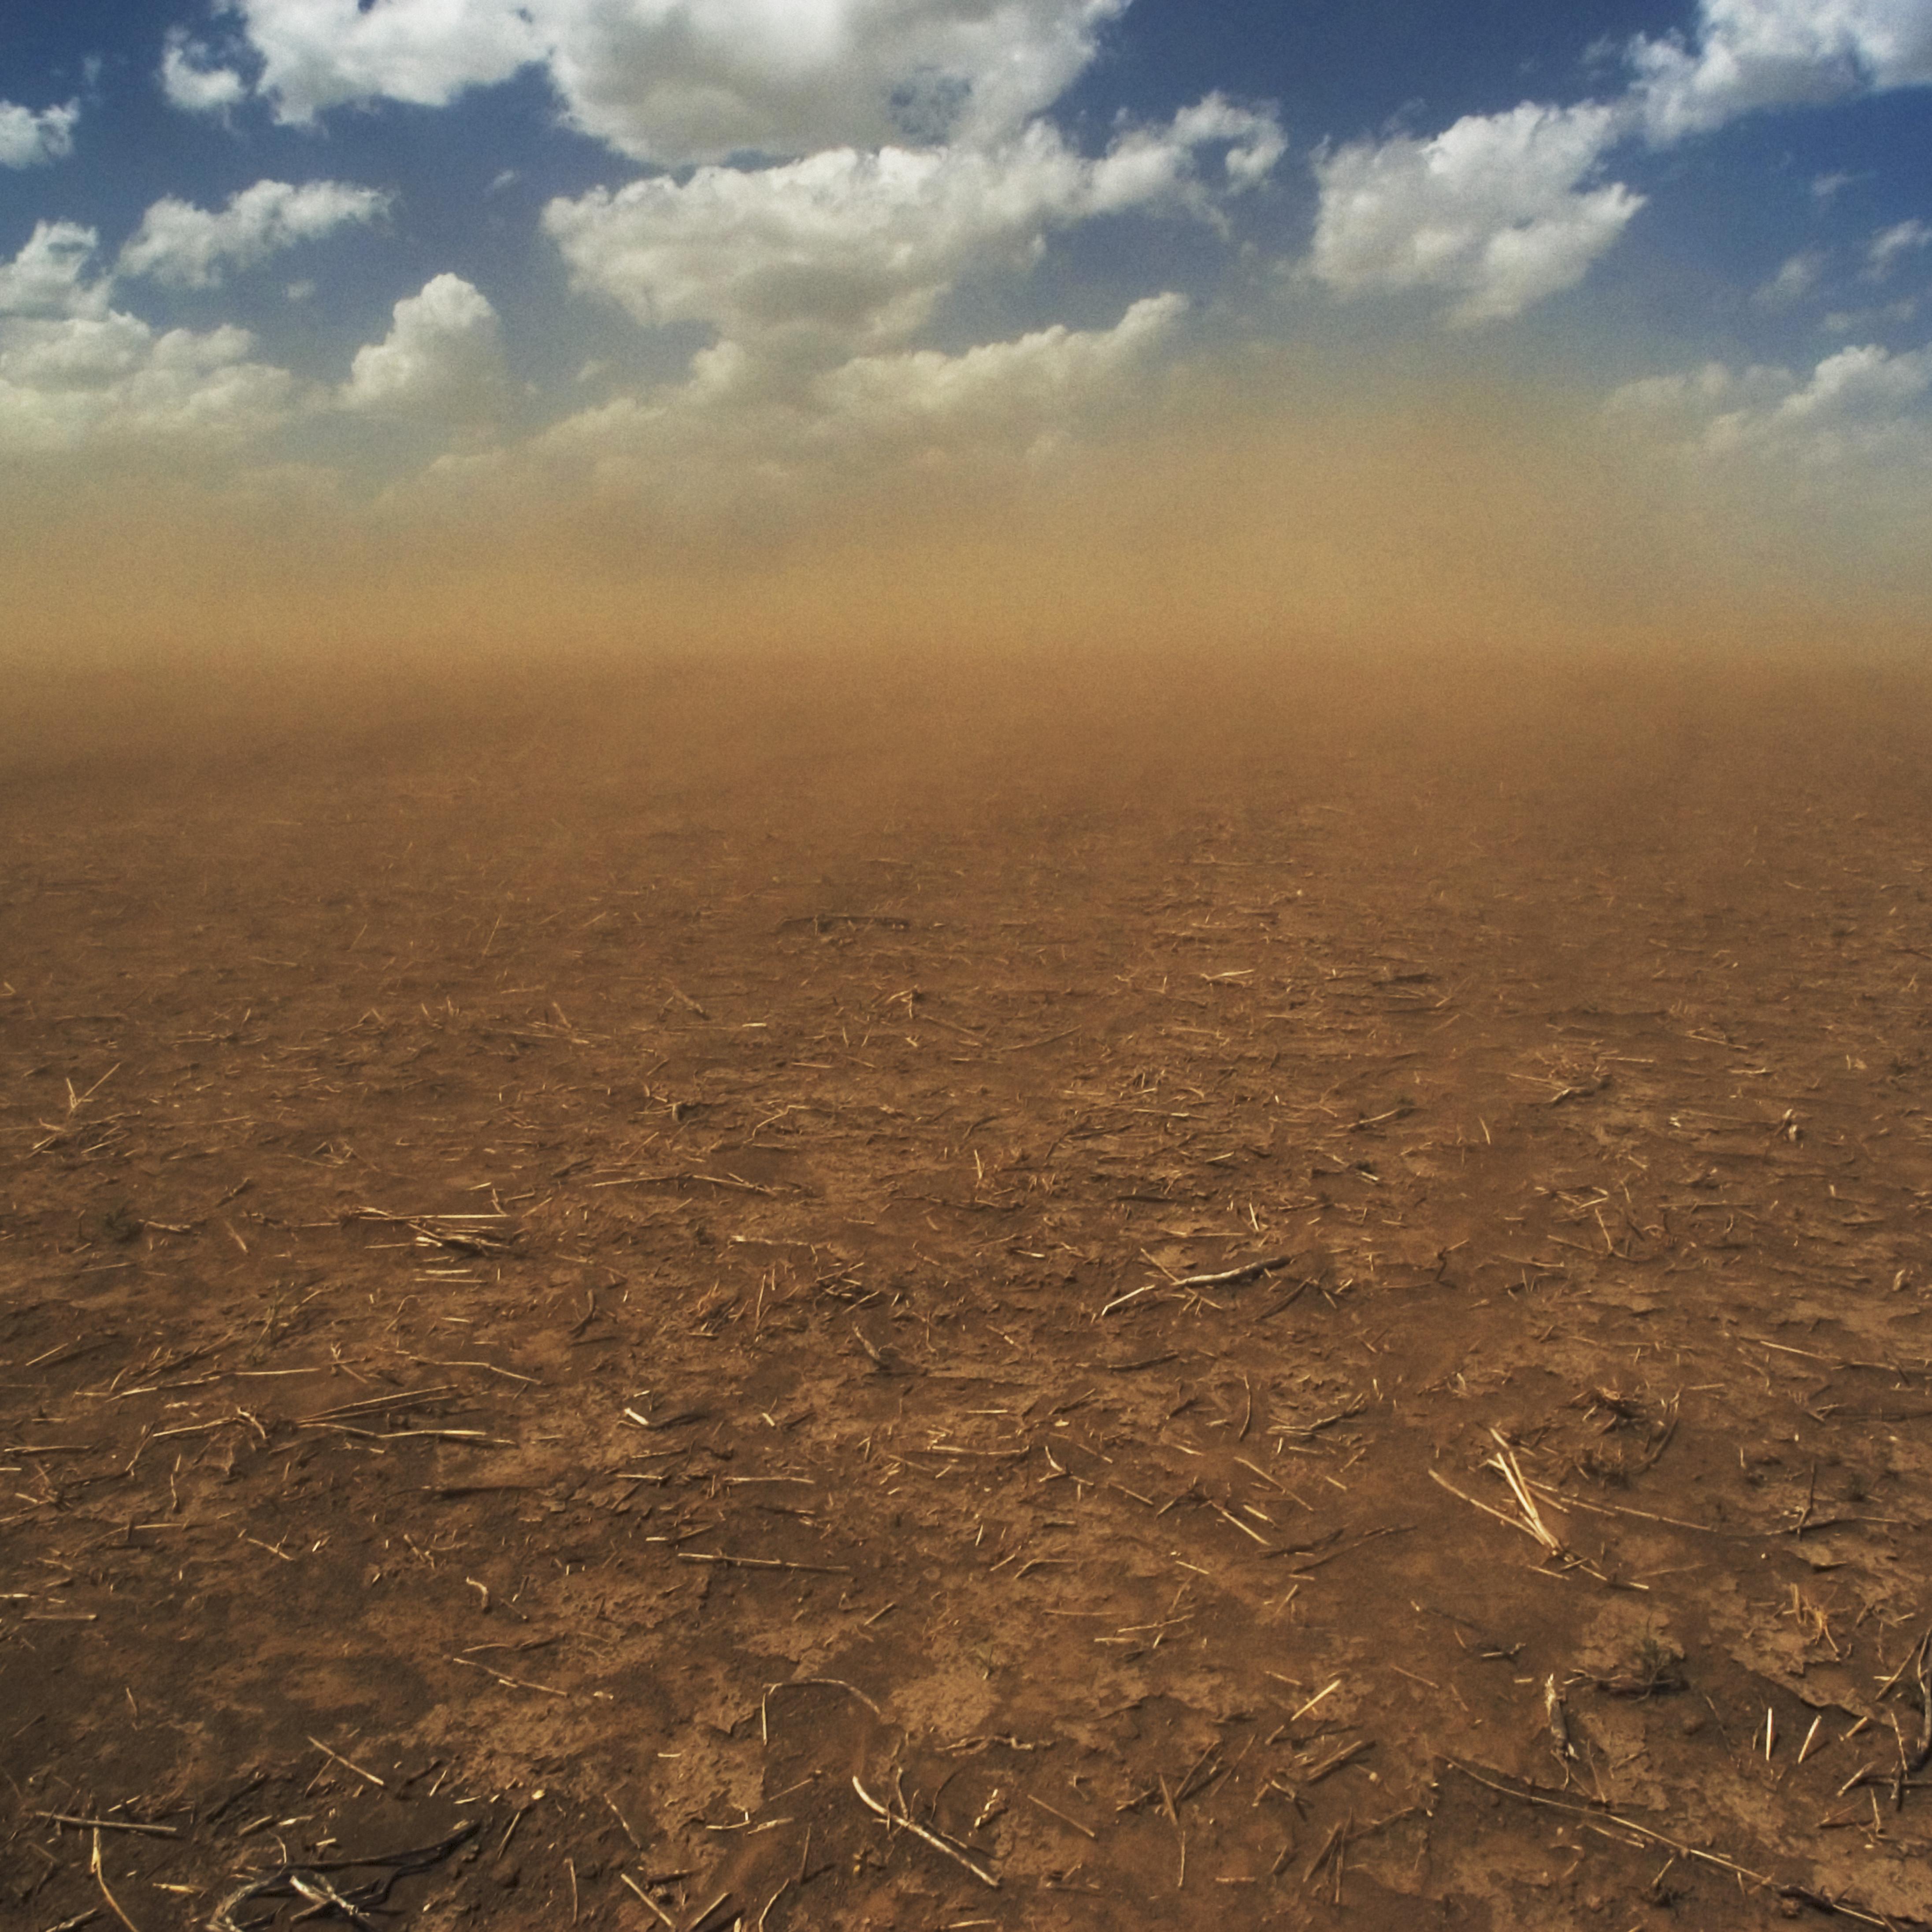 [Image: dust-storm-roars-across-field.jpg]